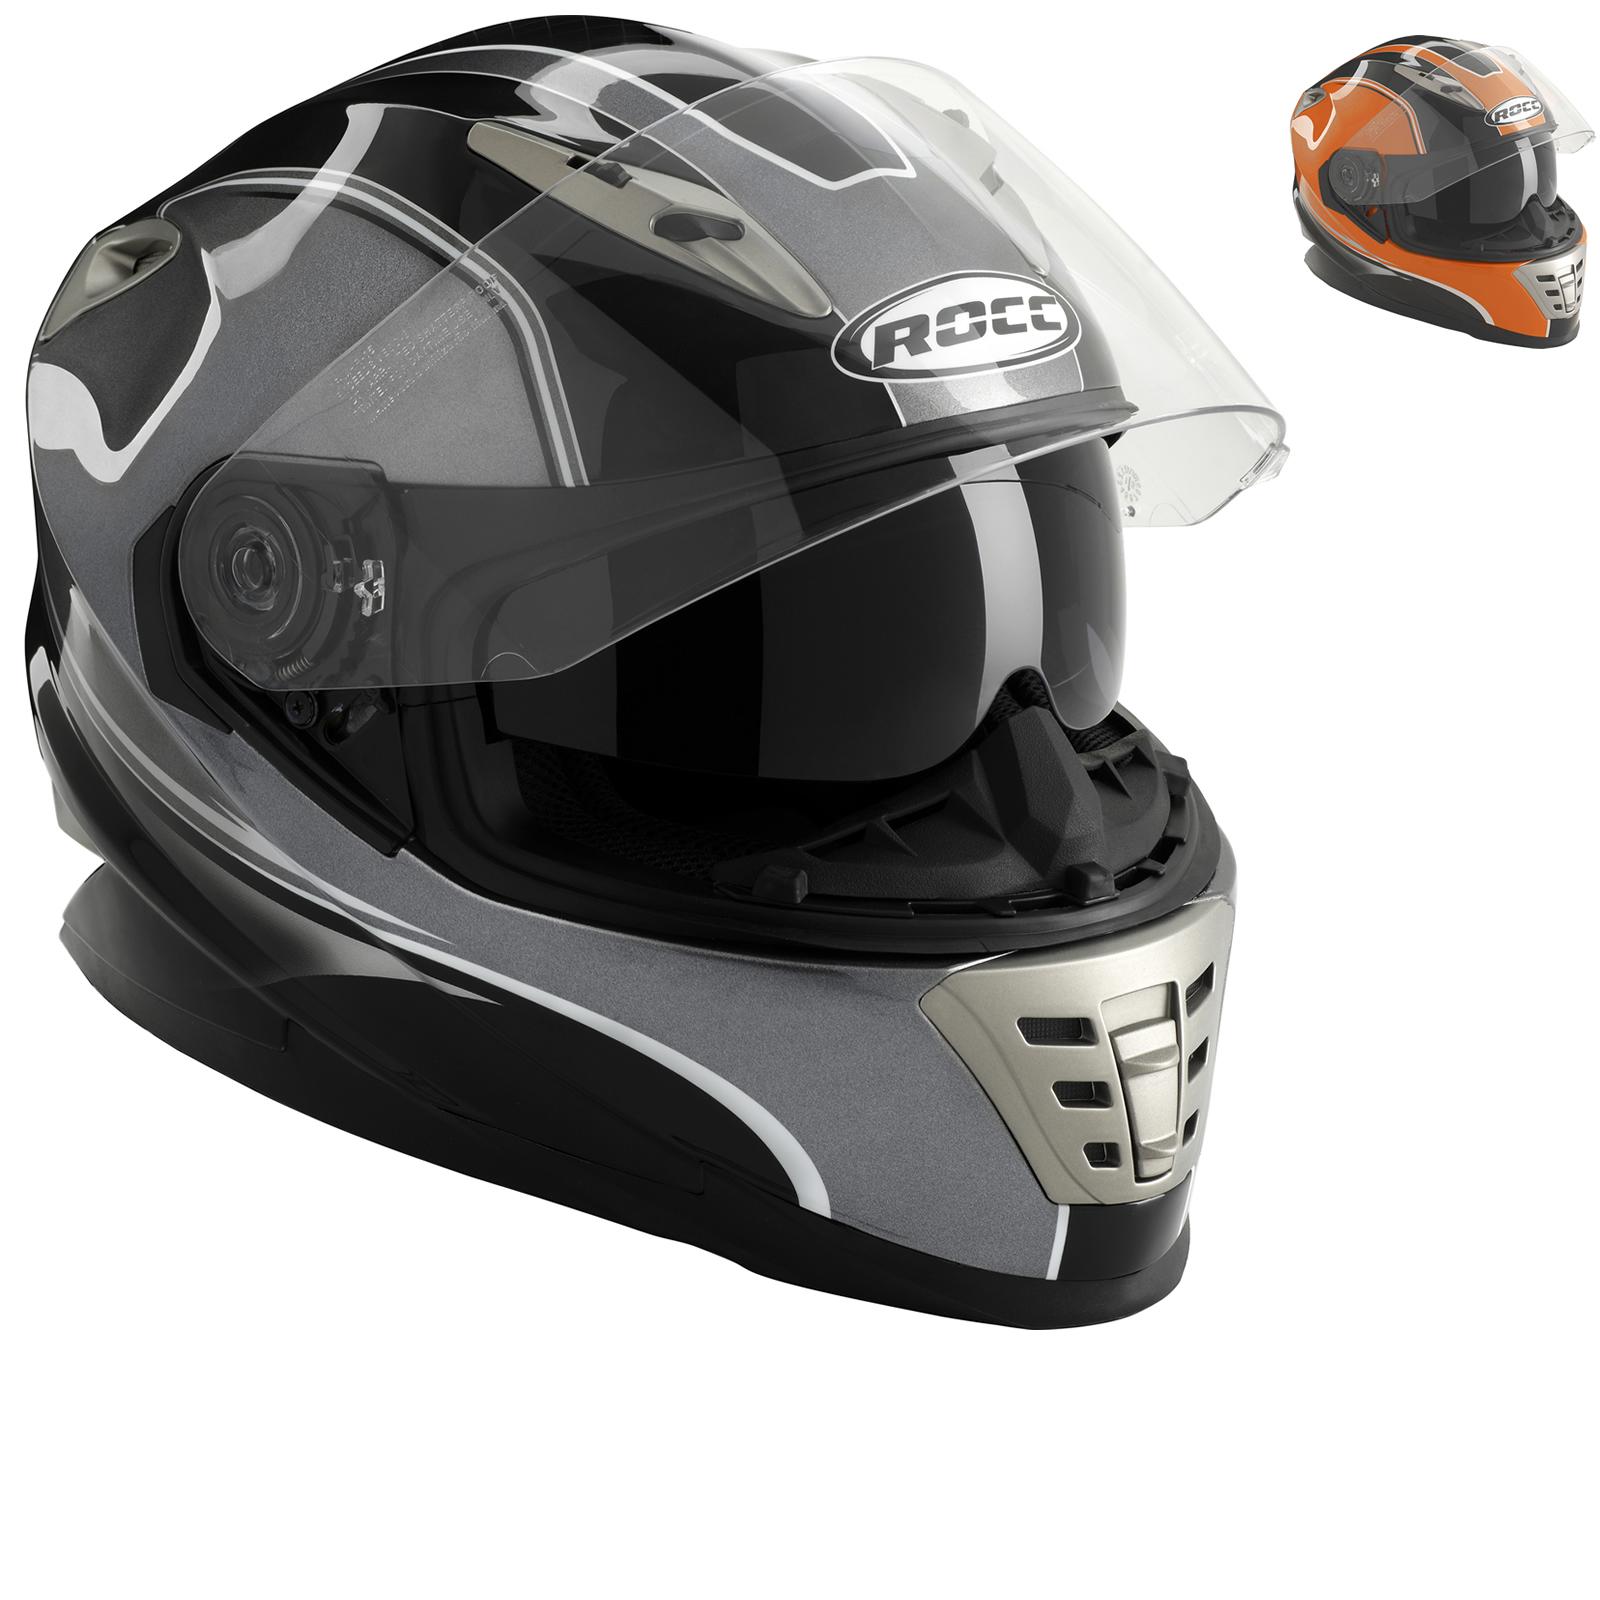 ROCC 485 Motorcycle Helmet £39.99 - ghostbikes